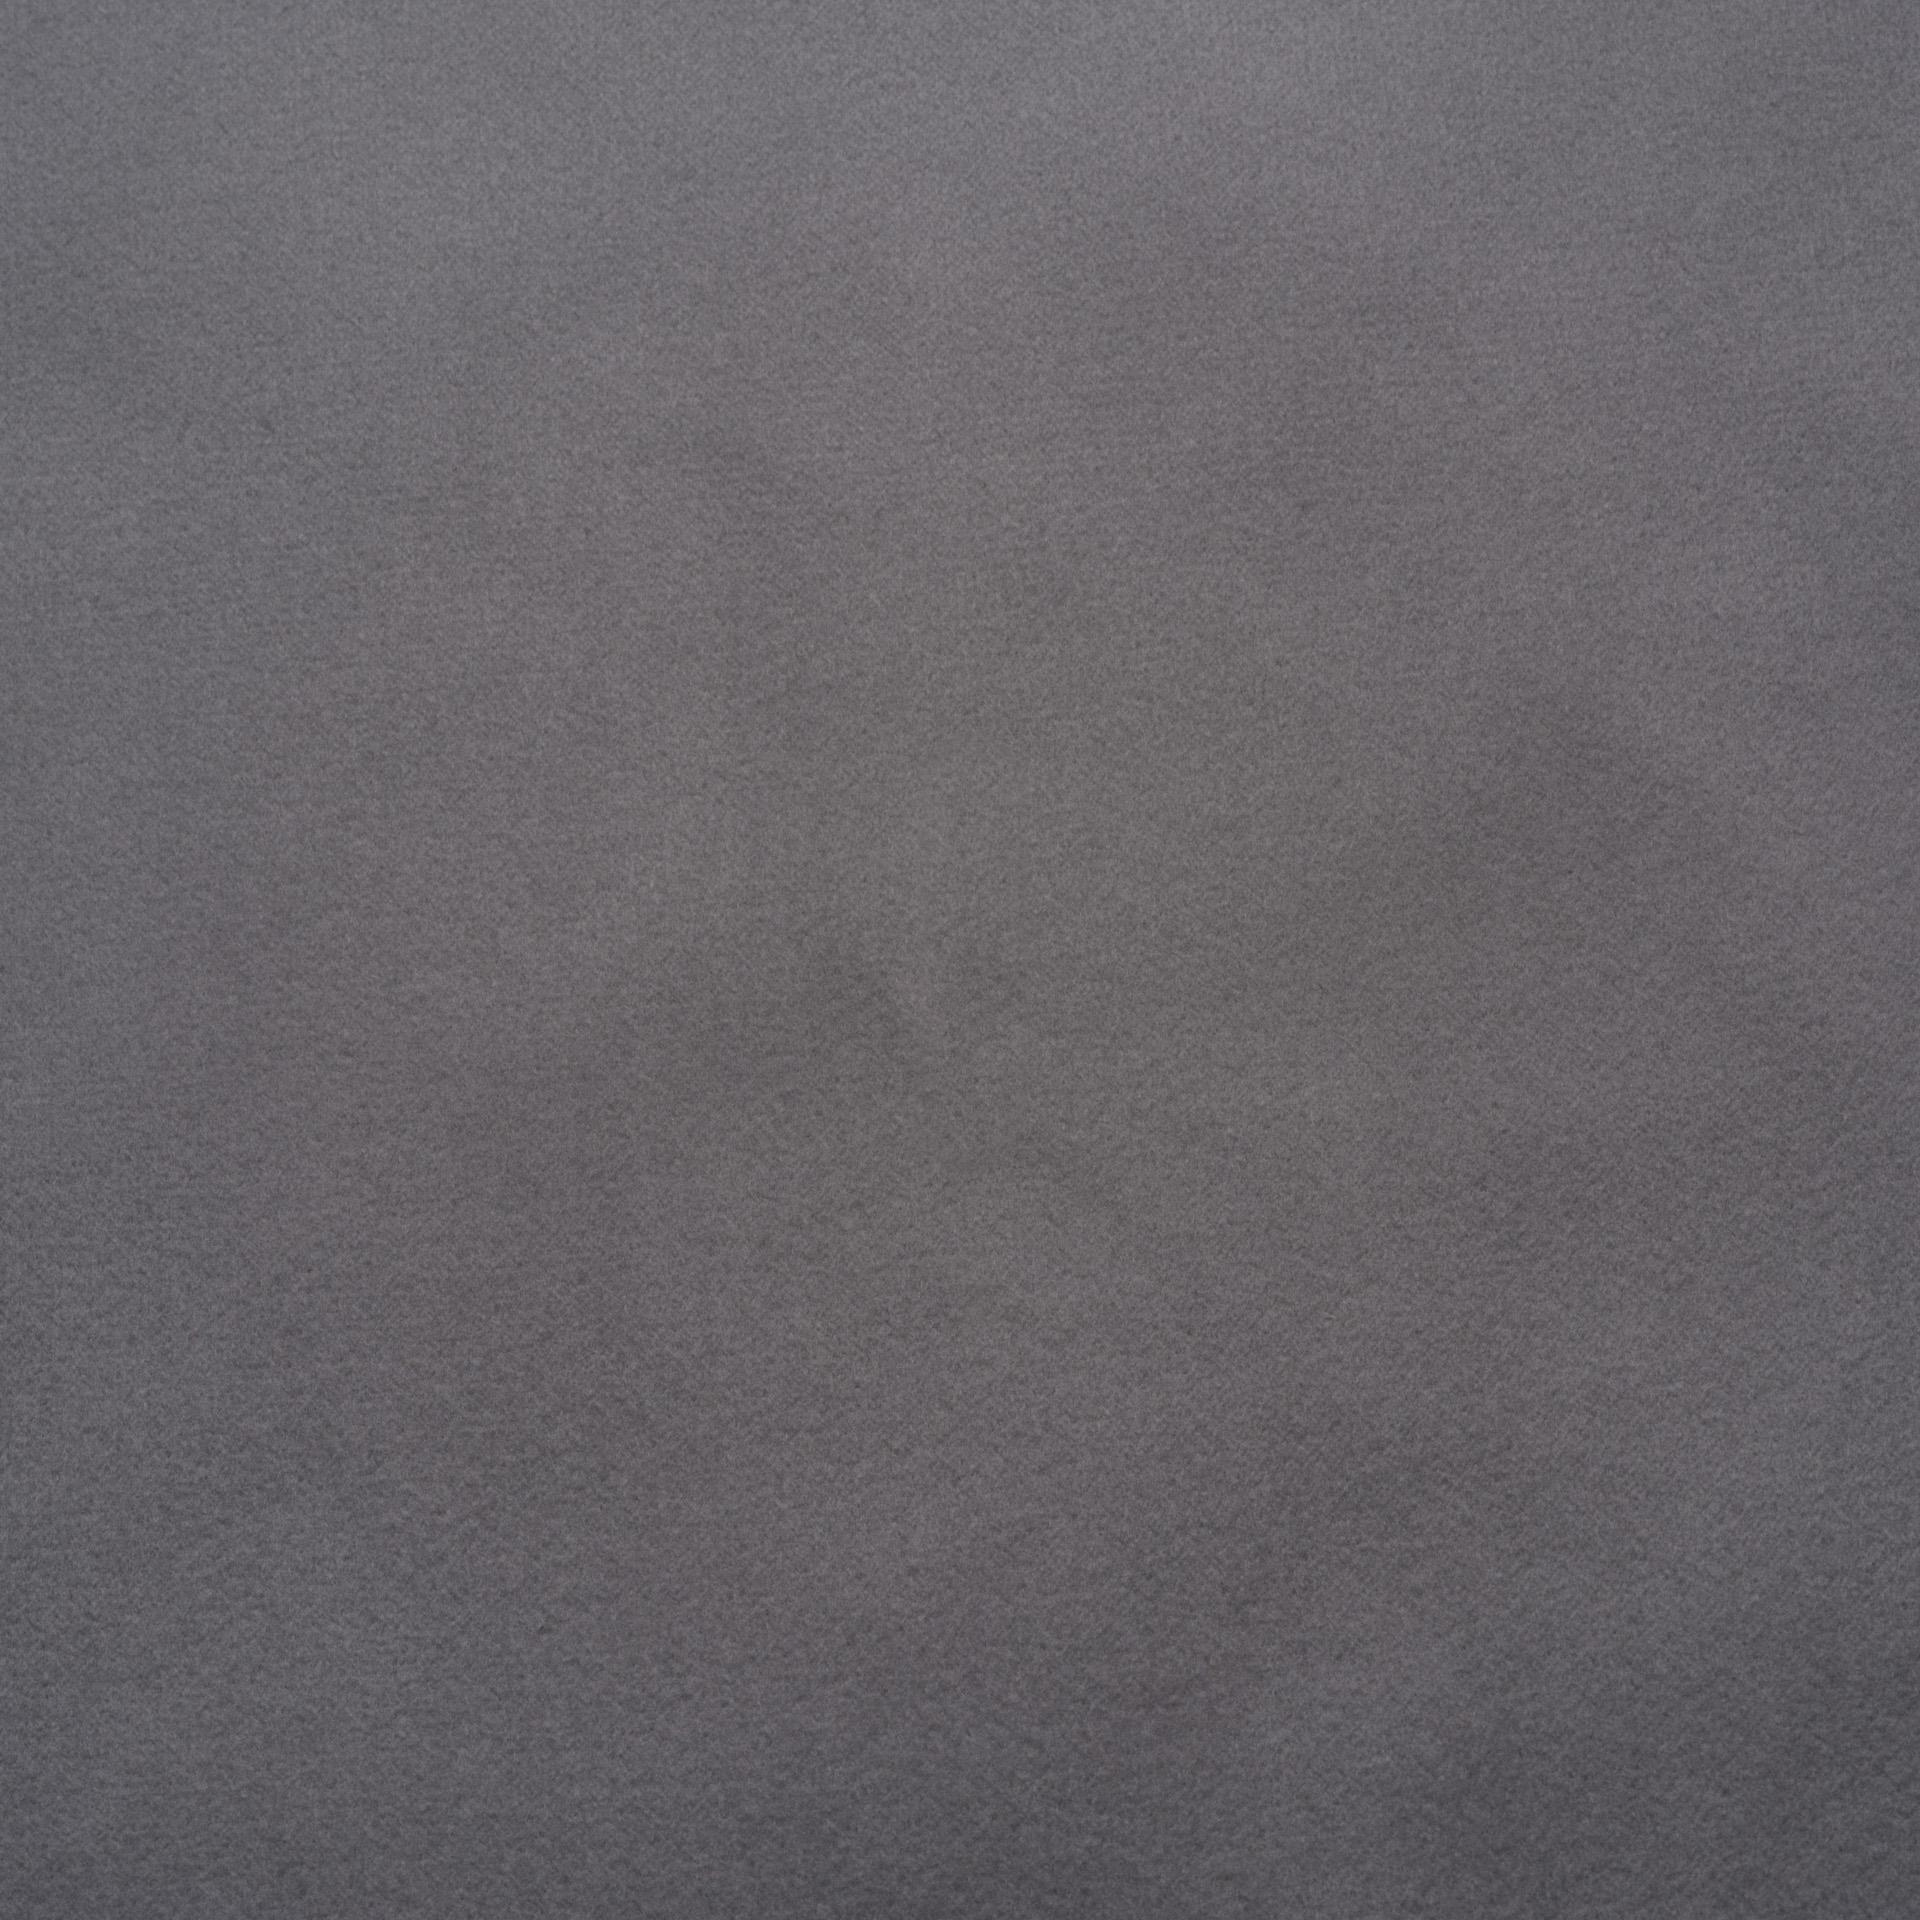 Коллекция ткани Багира 18 SILVER POPLAR,  купить ткань Велюр для мебели Украина